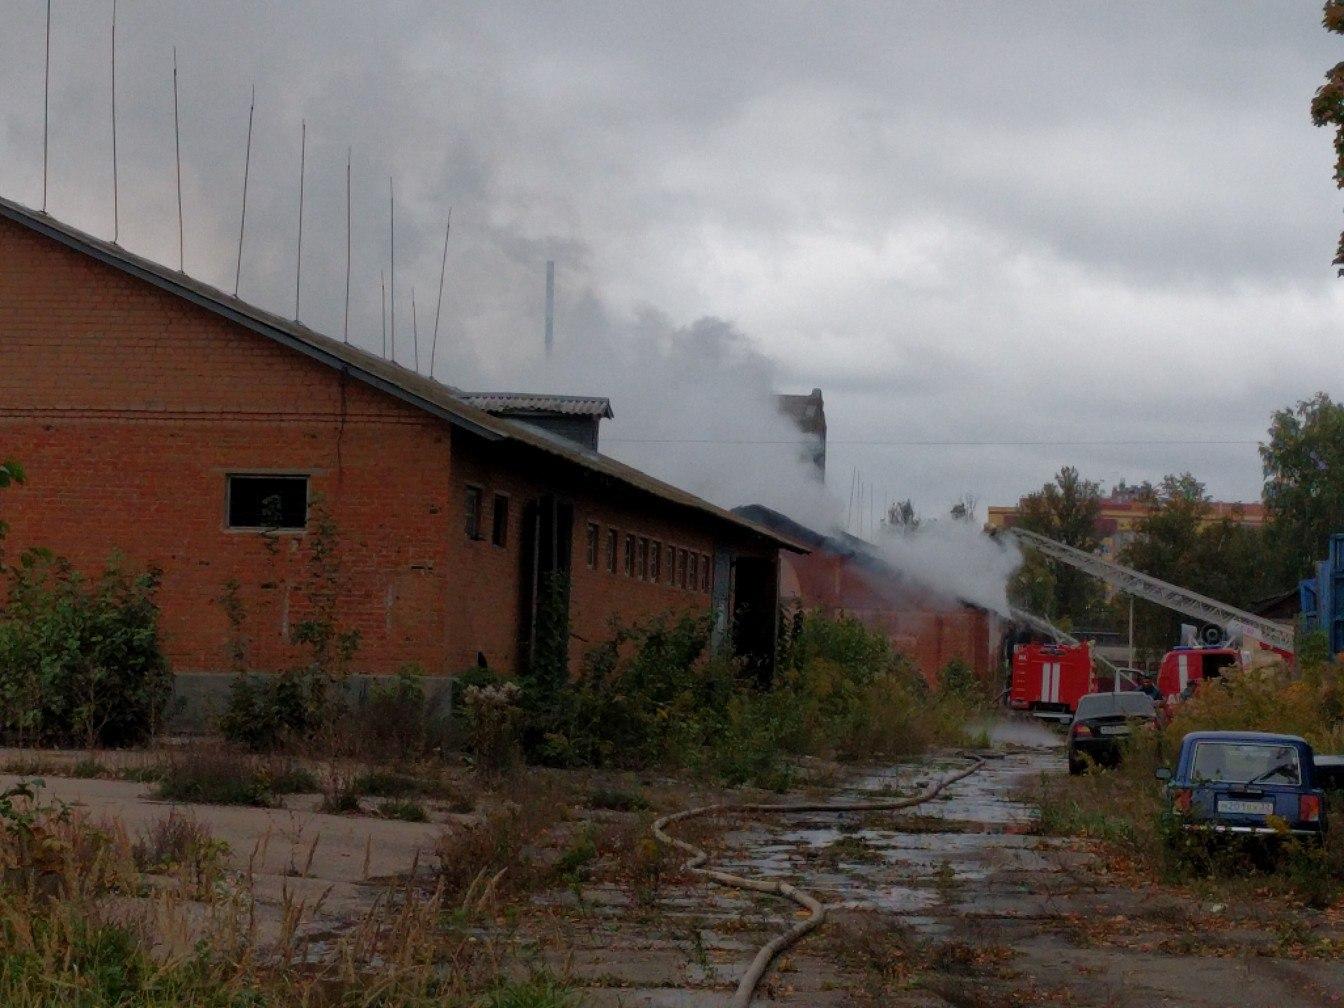 Вглобальной web-сети  появилось видео крупного пожара наскладе вБрянске